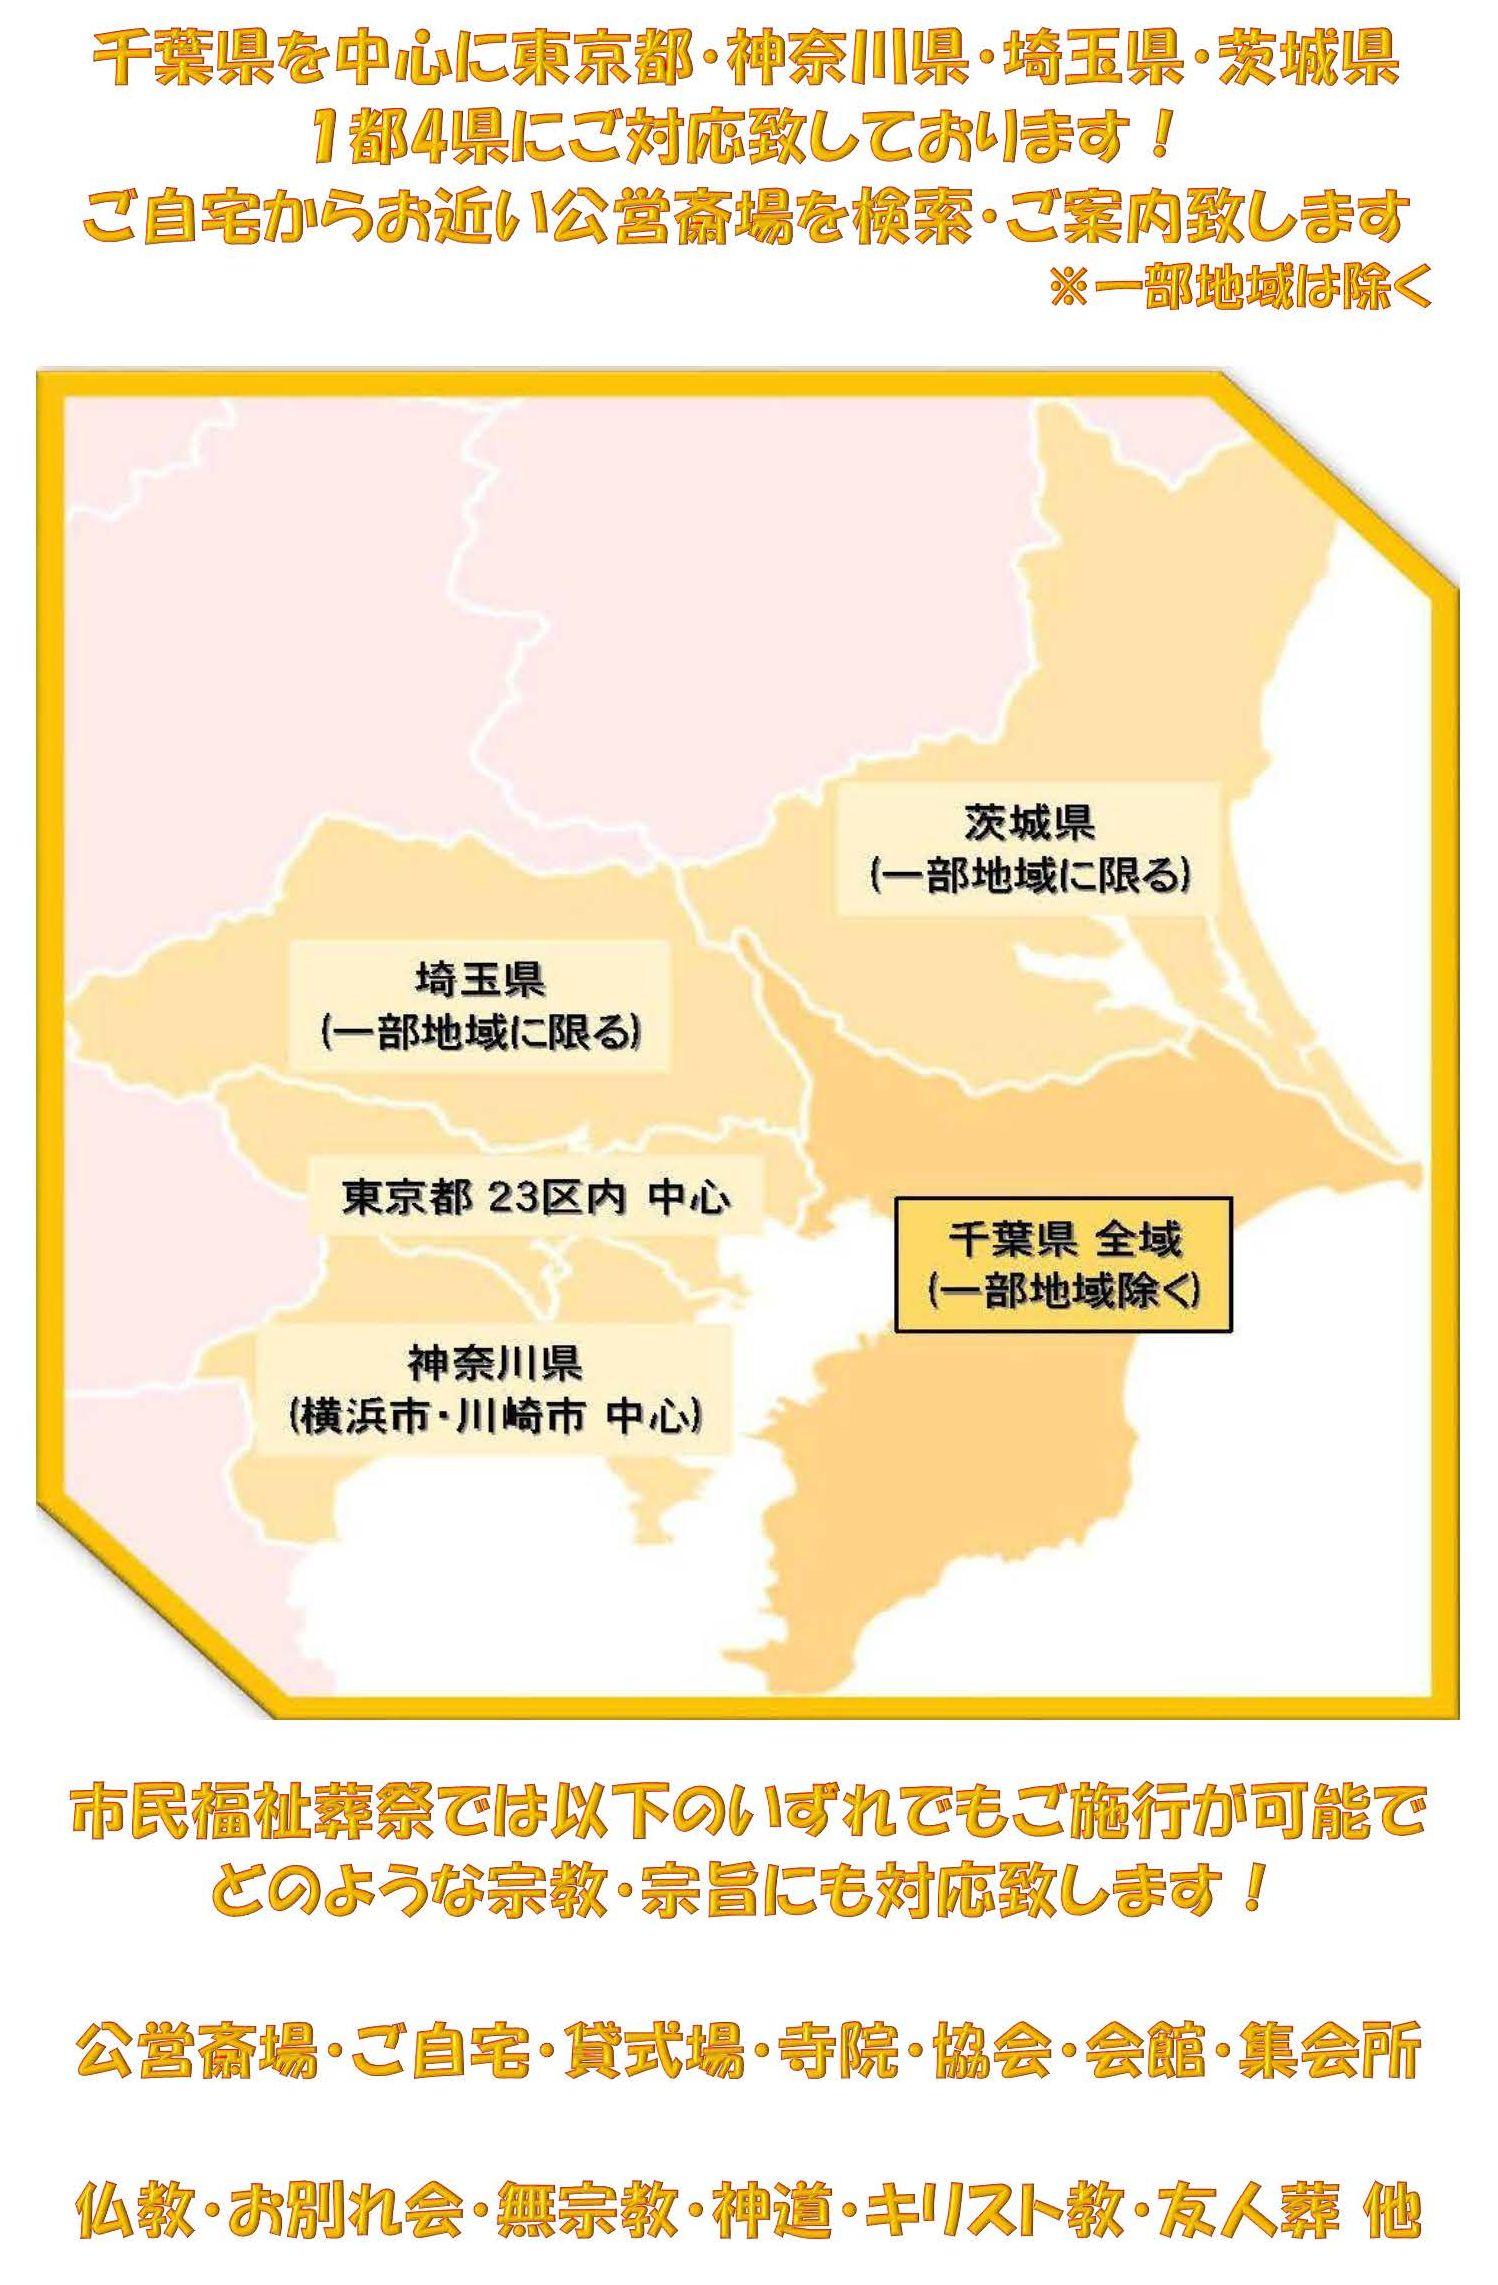 対応地域・参考公営斎場_ページ_2